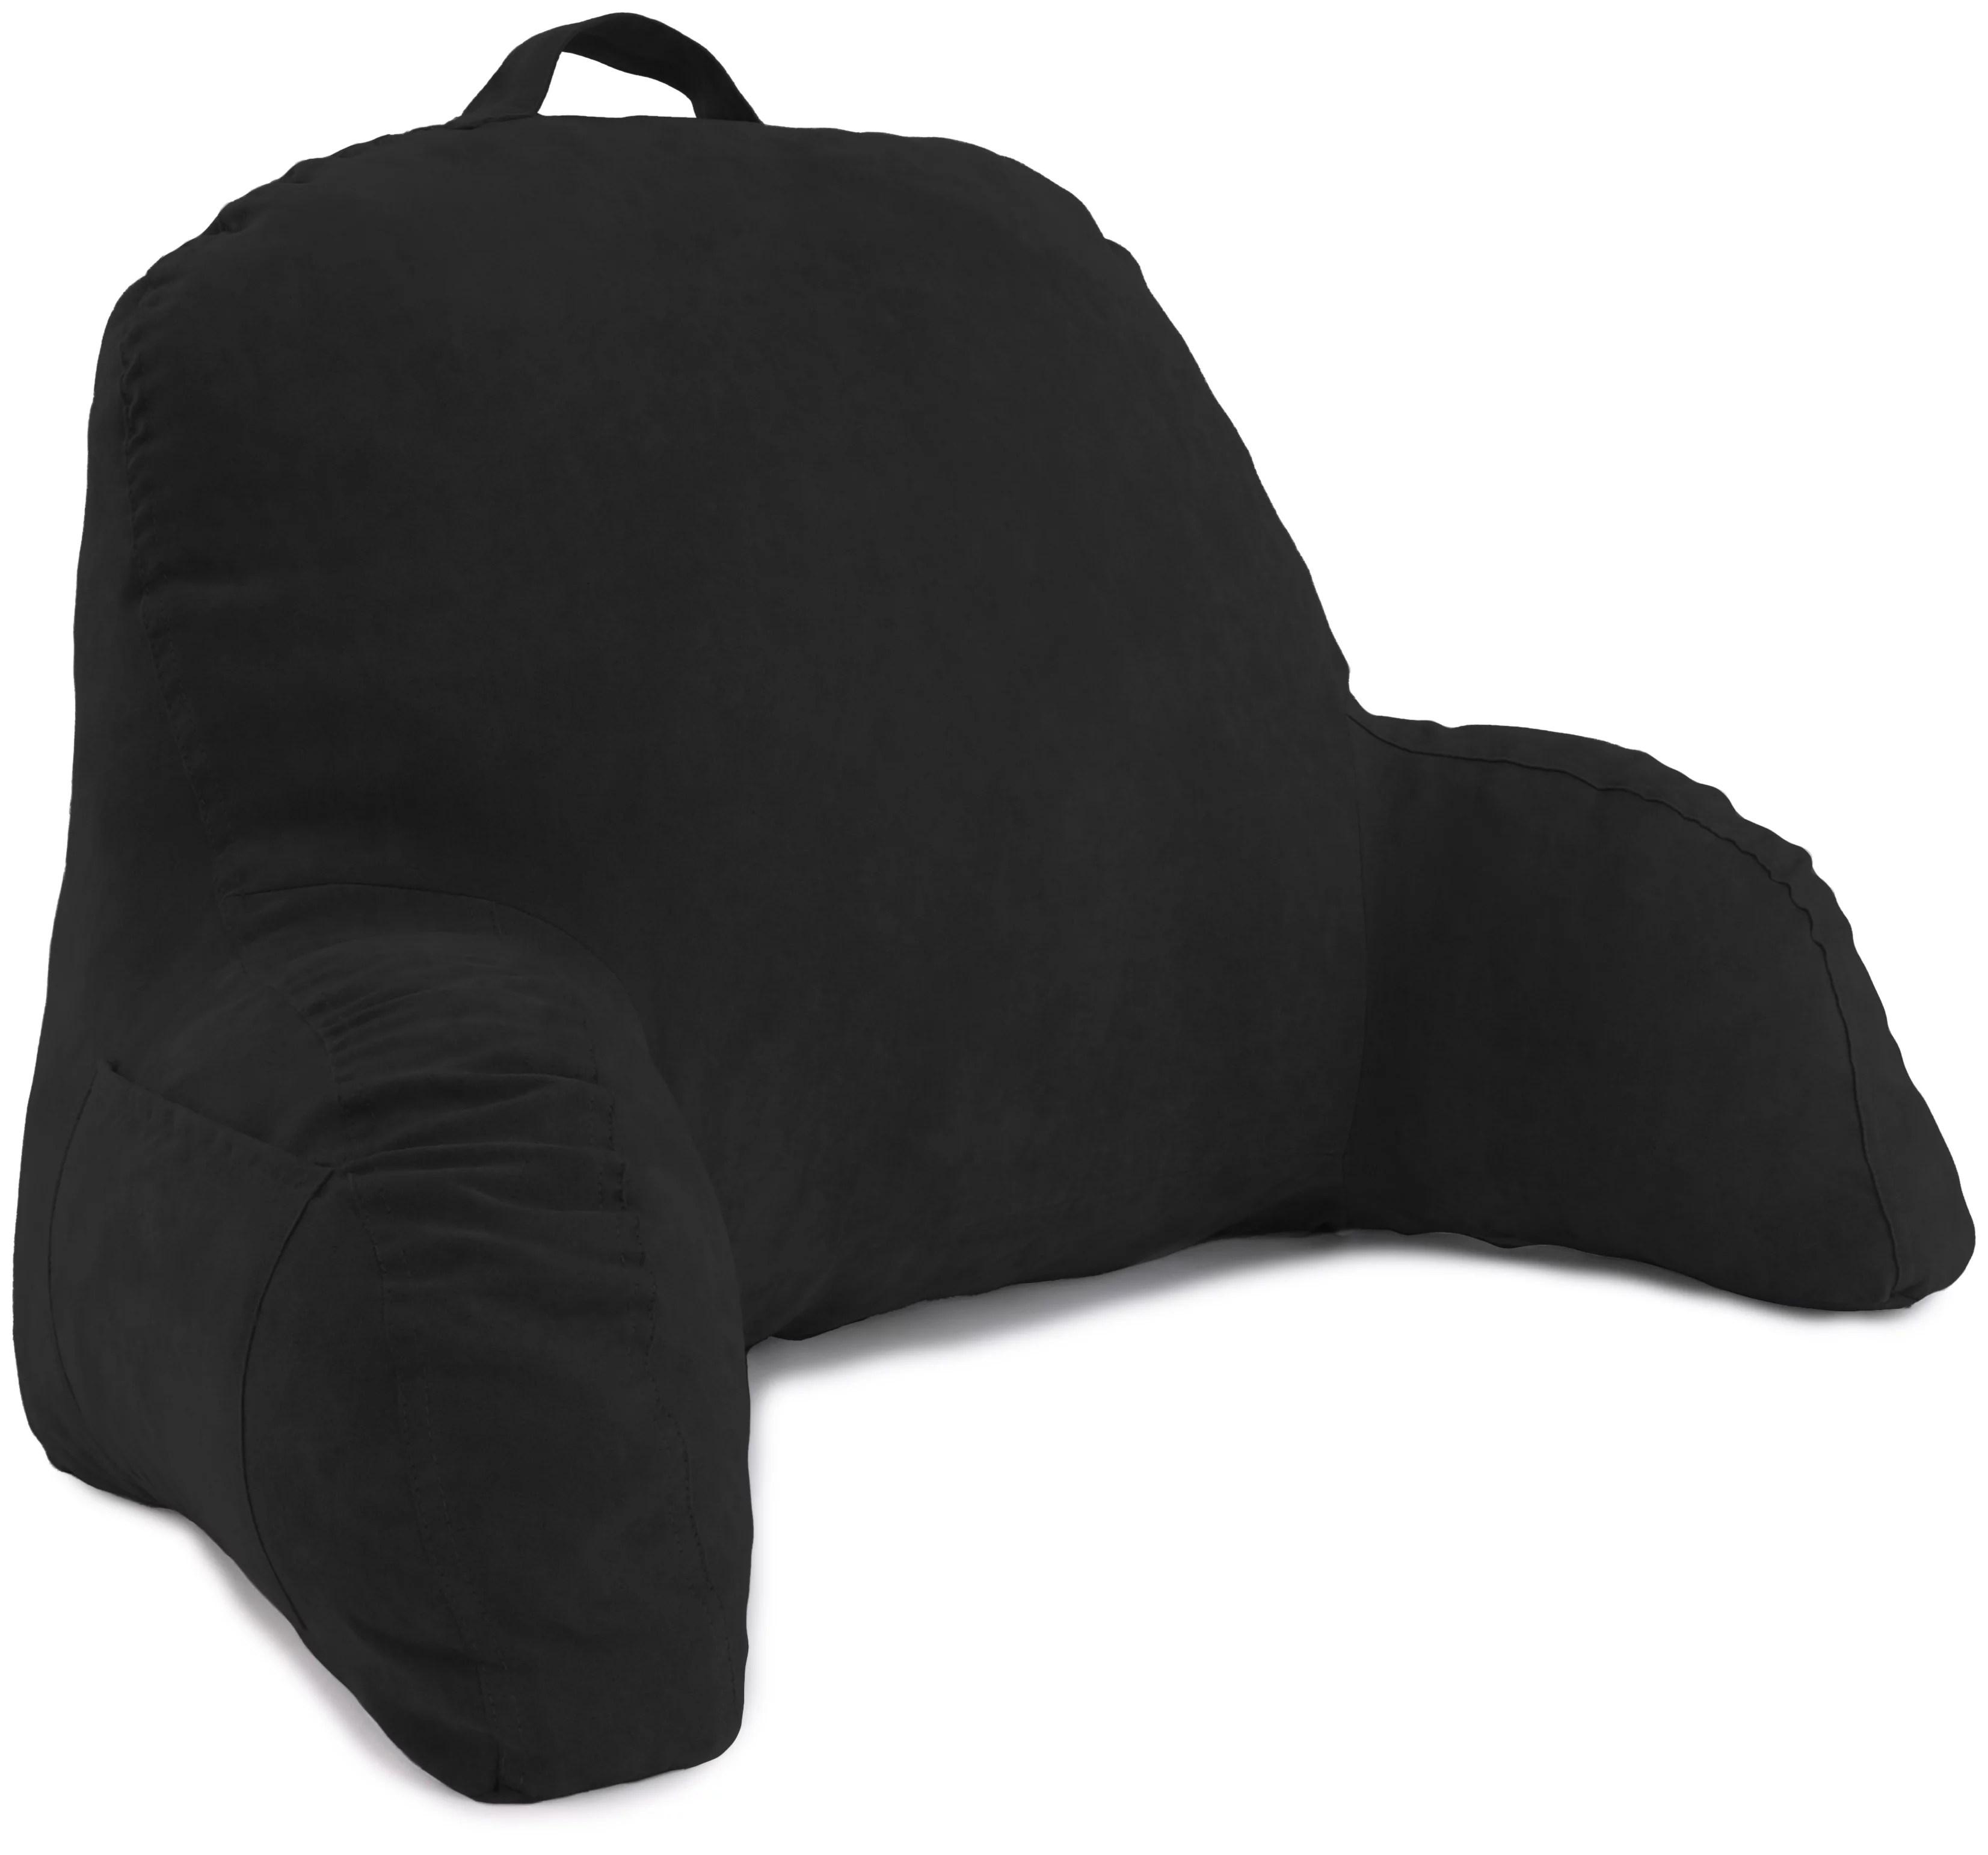 backrest pillows black walmart com